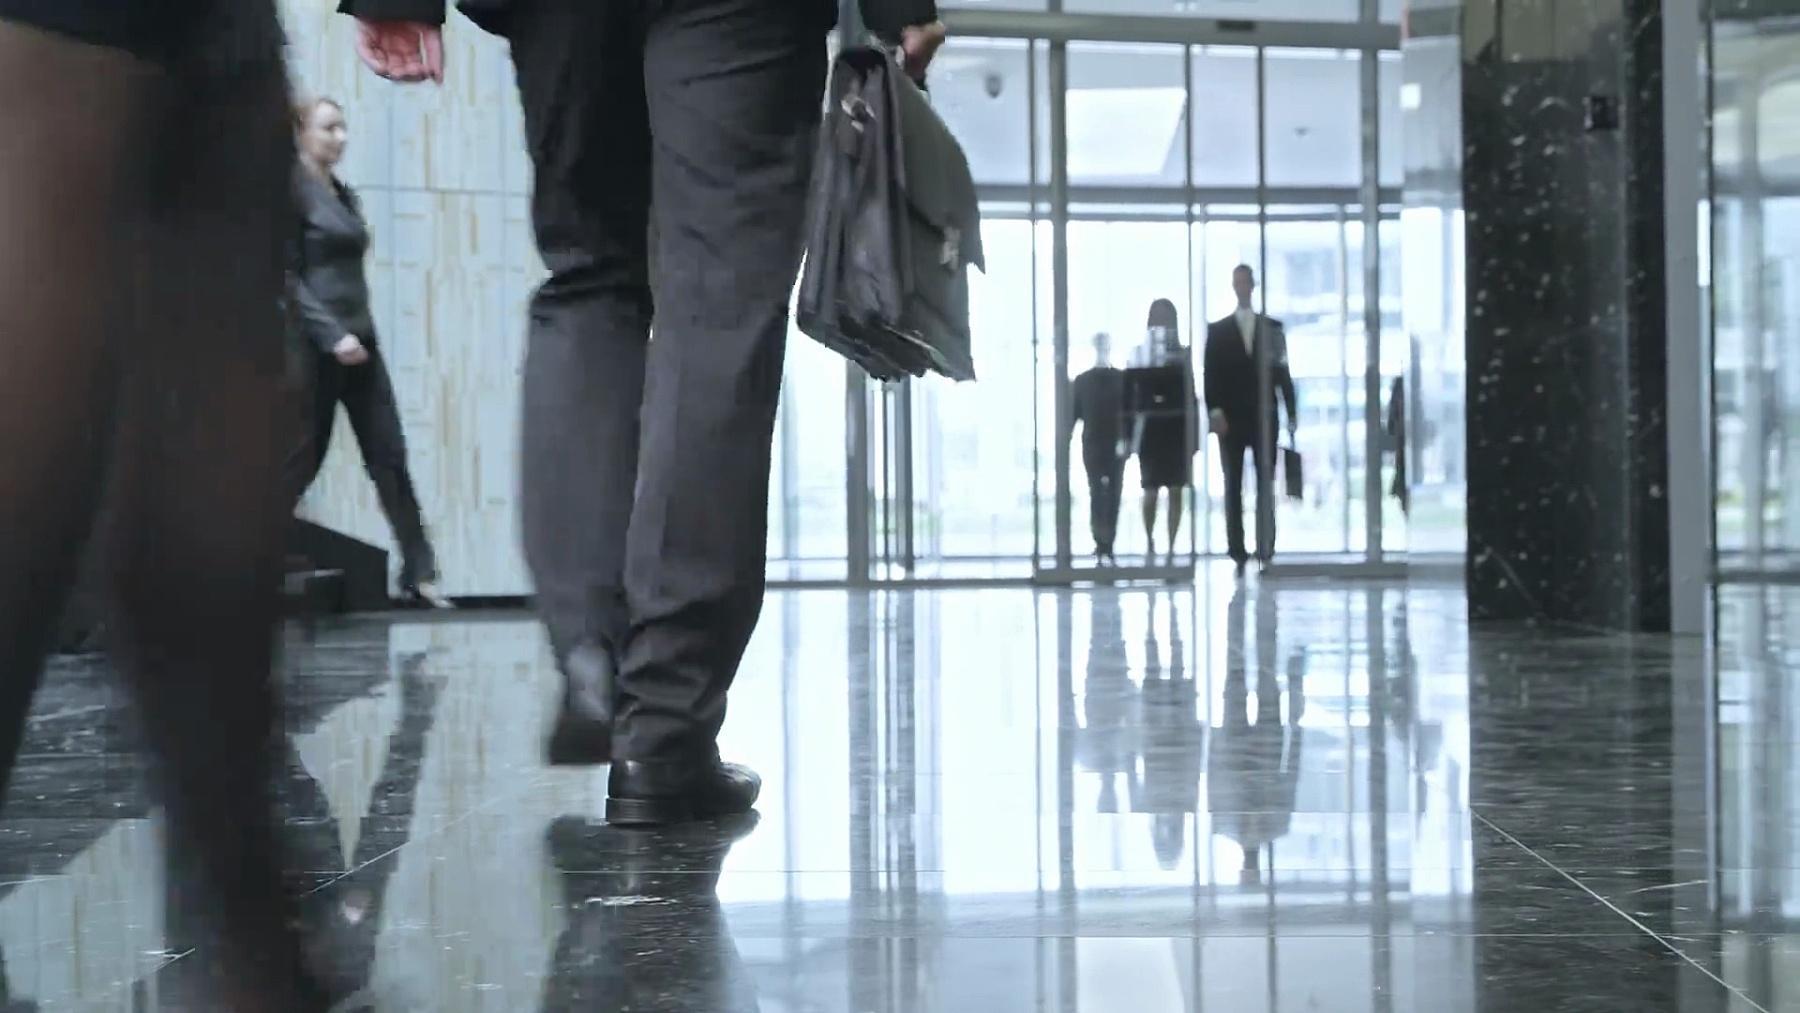 忙碌的商务人士匆匆穿过公司大楼大堂